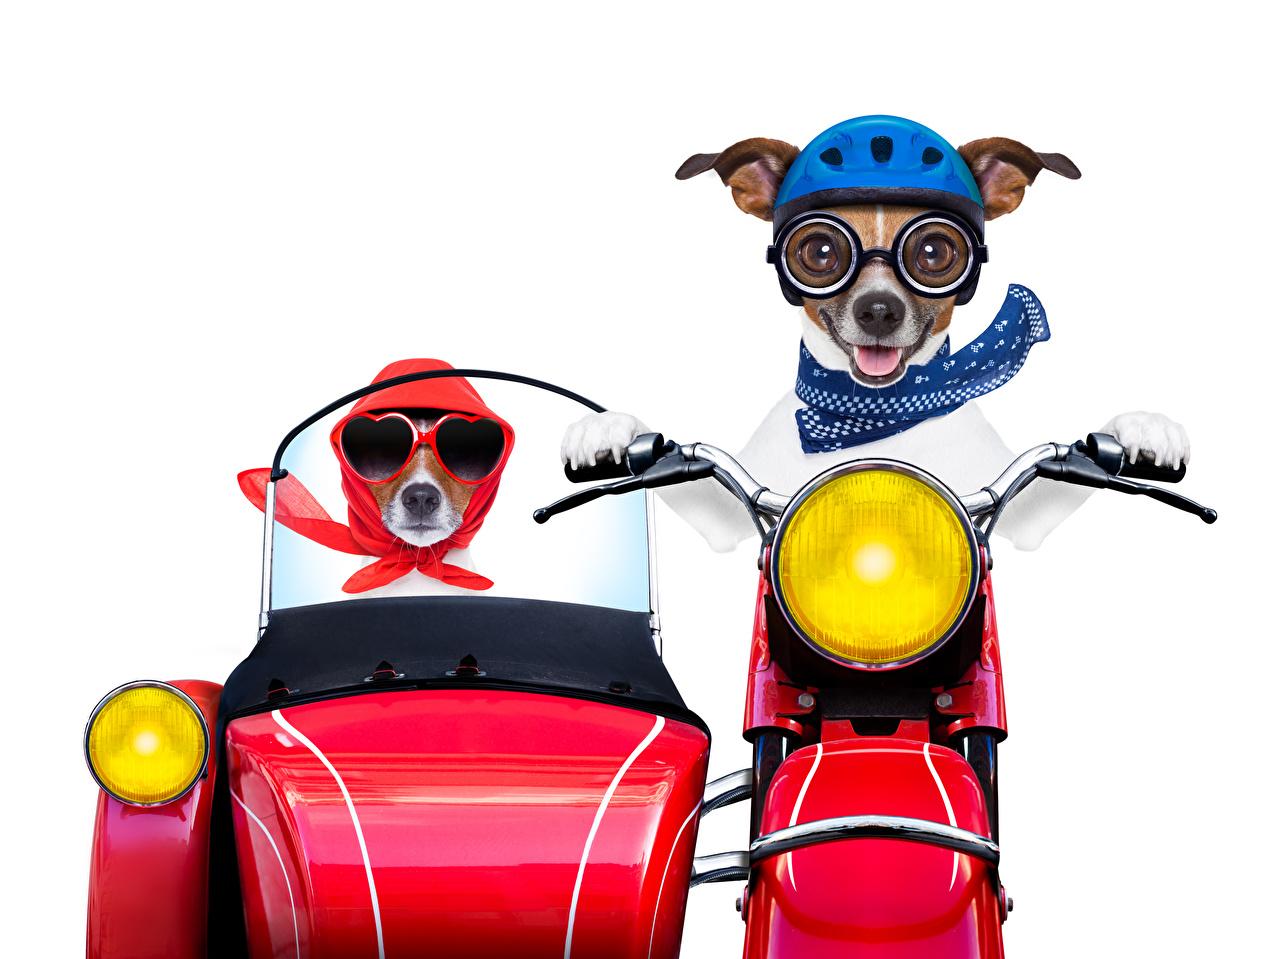 Обои для рабочего стола Джек-рассел-терьер Собаки смешная Двое мотоцикл Мотоциклист очках Животные белым фоном собака смешной Смешные забавные 2 два две вдвоем Мотоциклы Очки очков животное Белый фон белом фоне